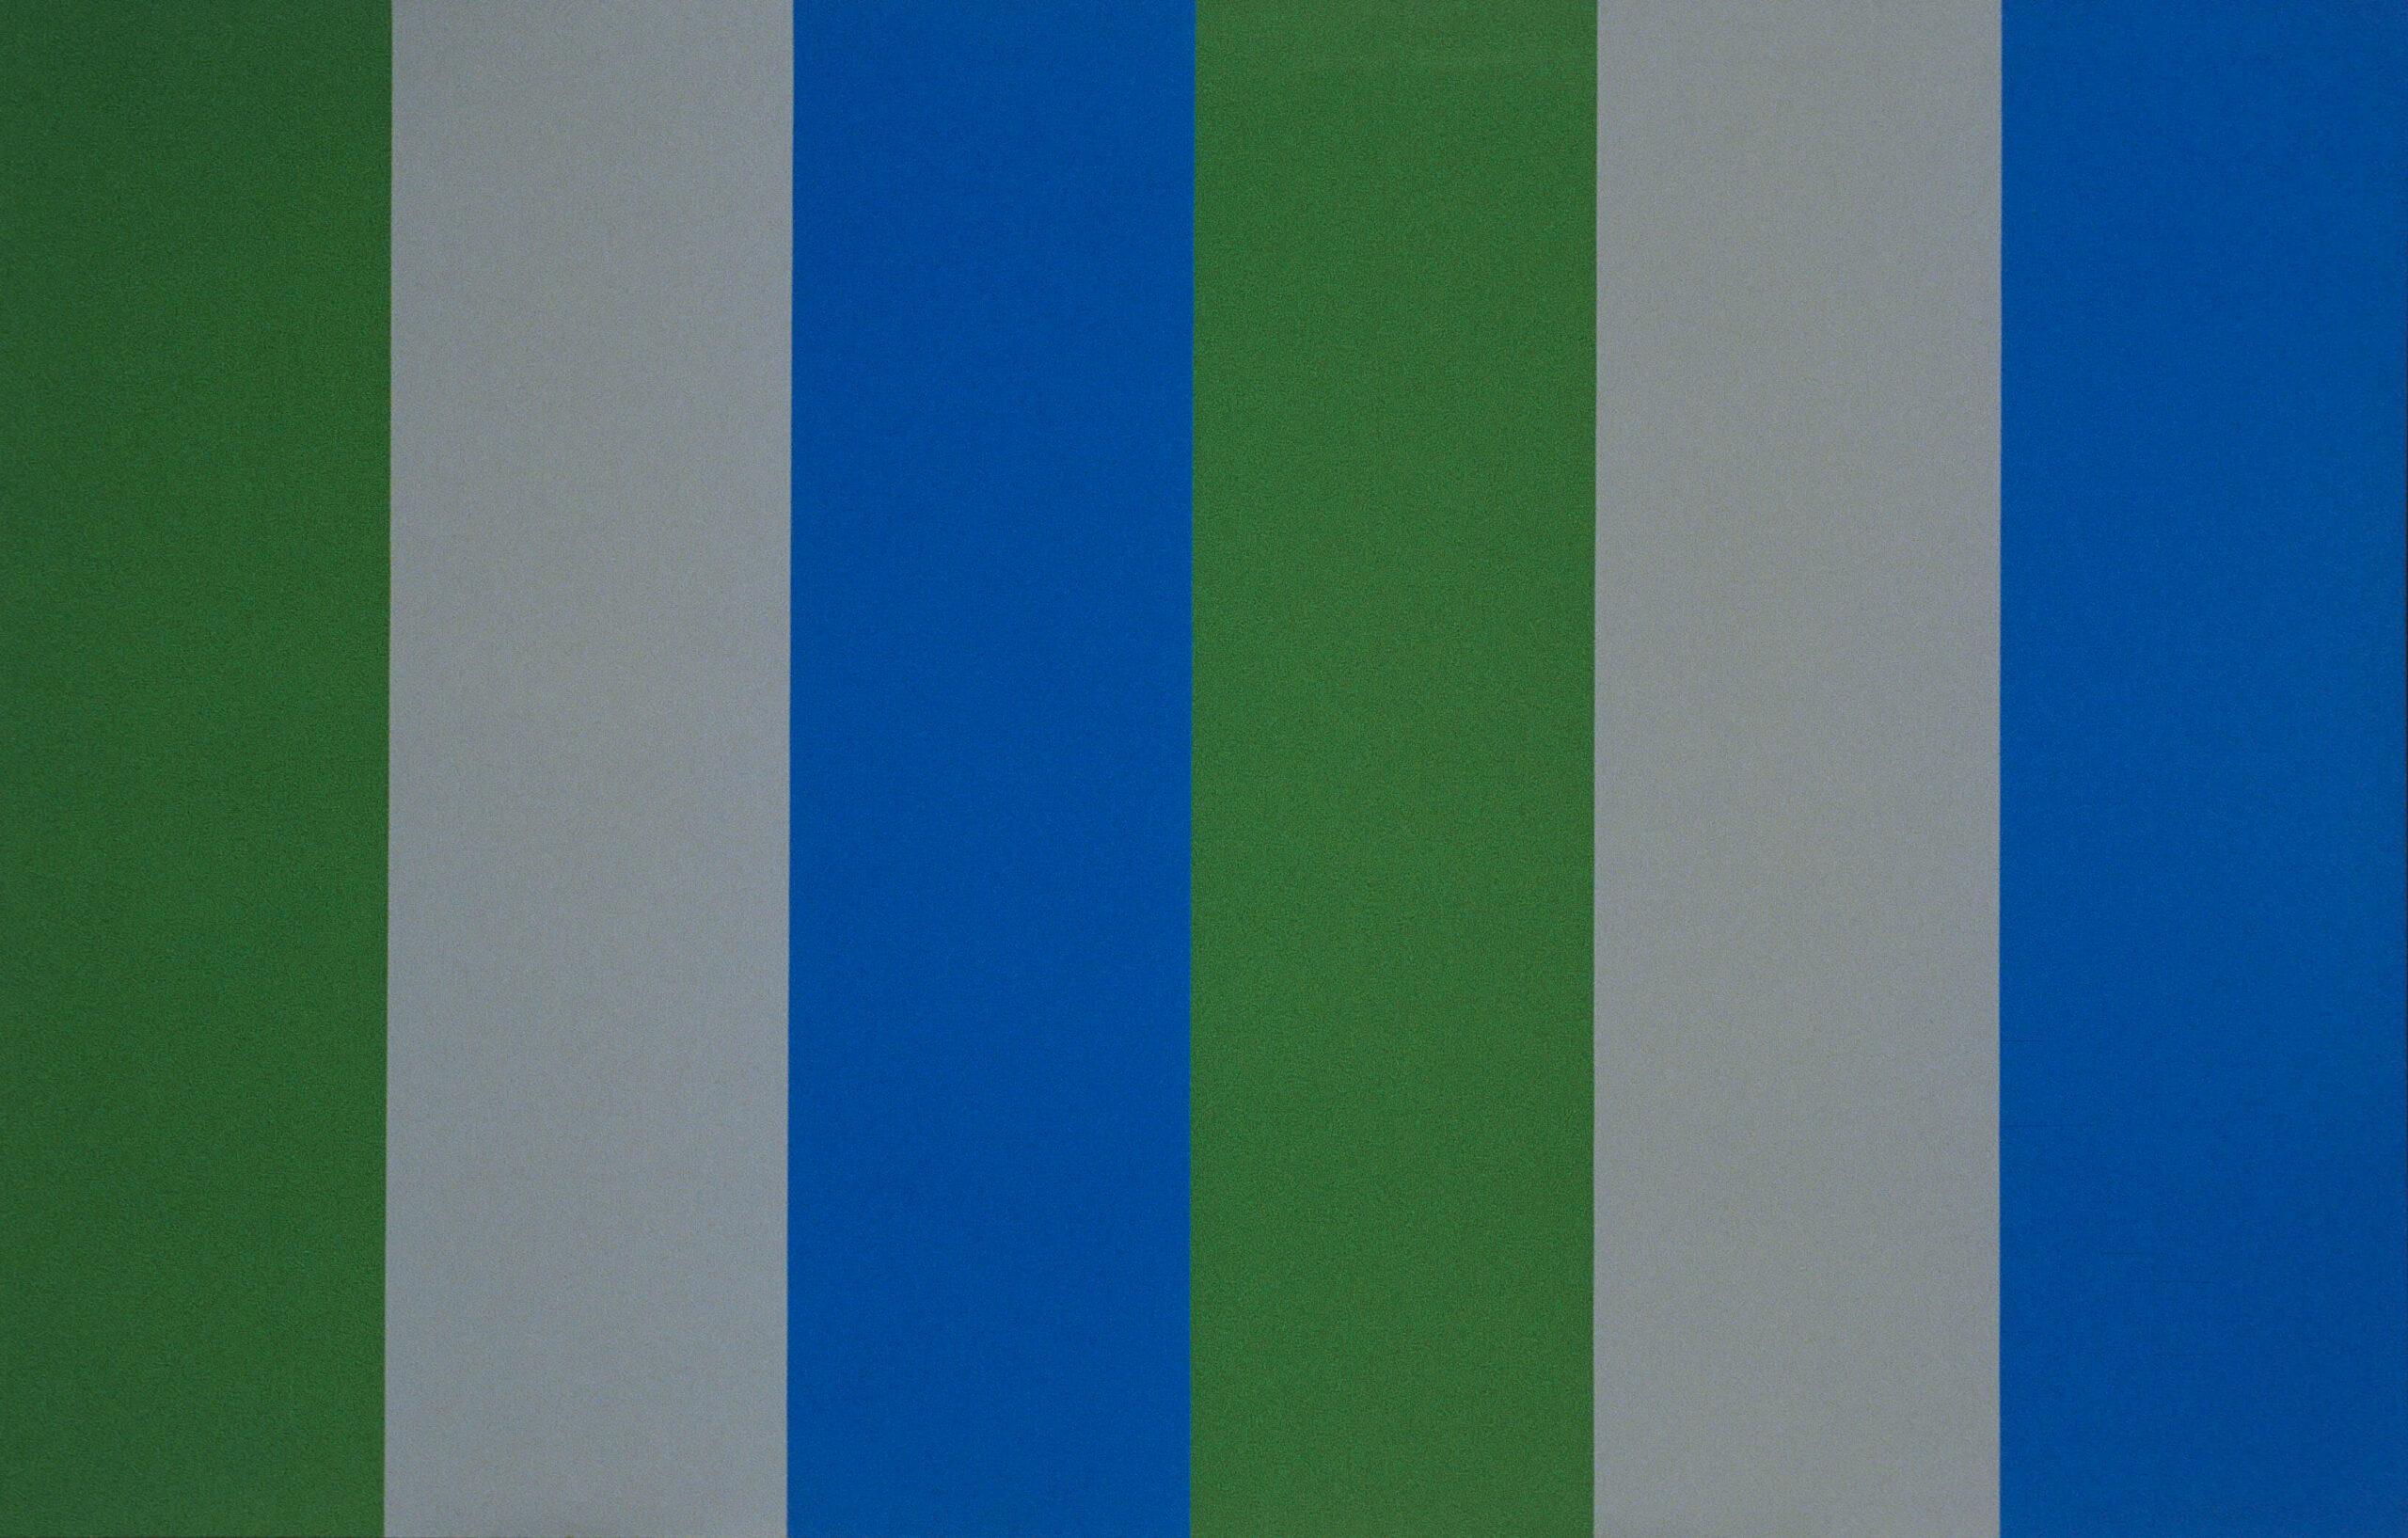 Molinari Seriel vert bleu 2